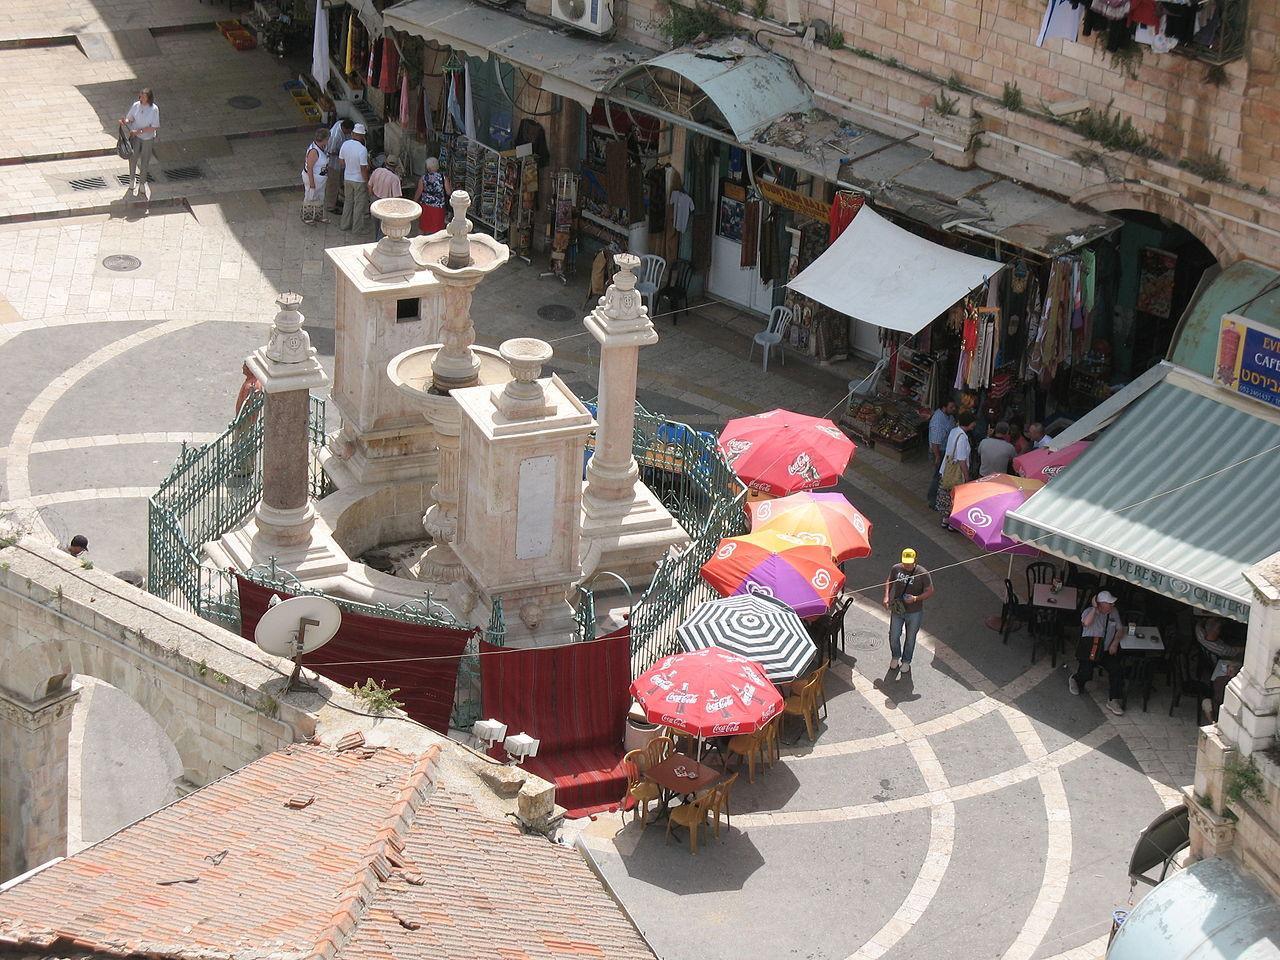 Sehenwürdigkeit in Israel - vergrößerbar